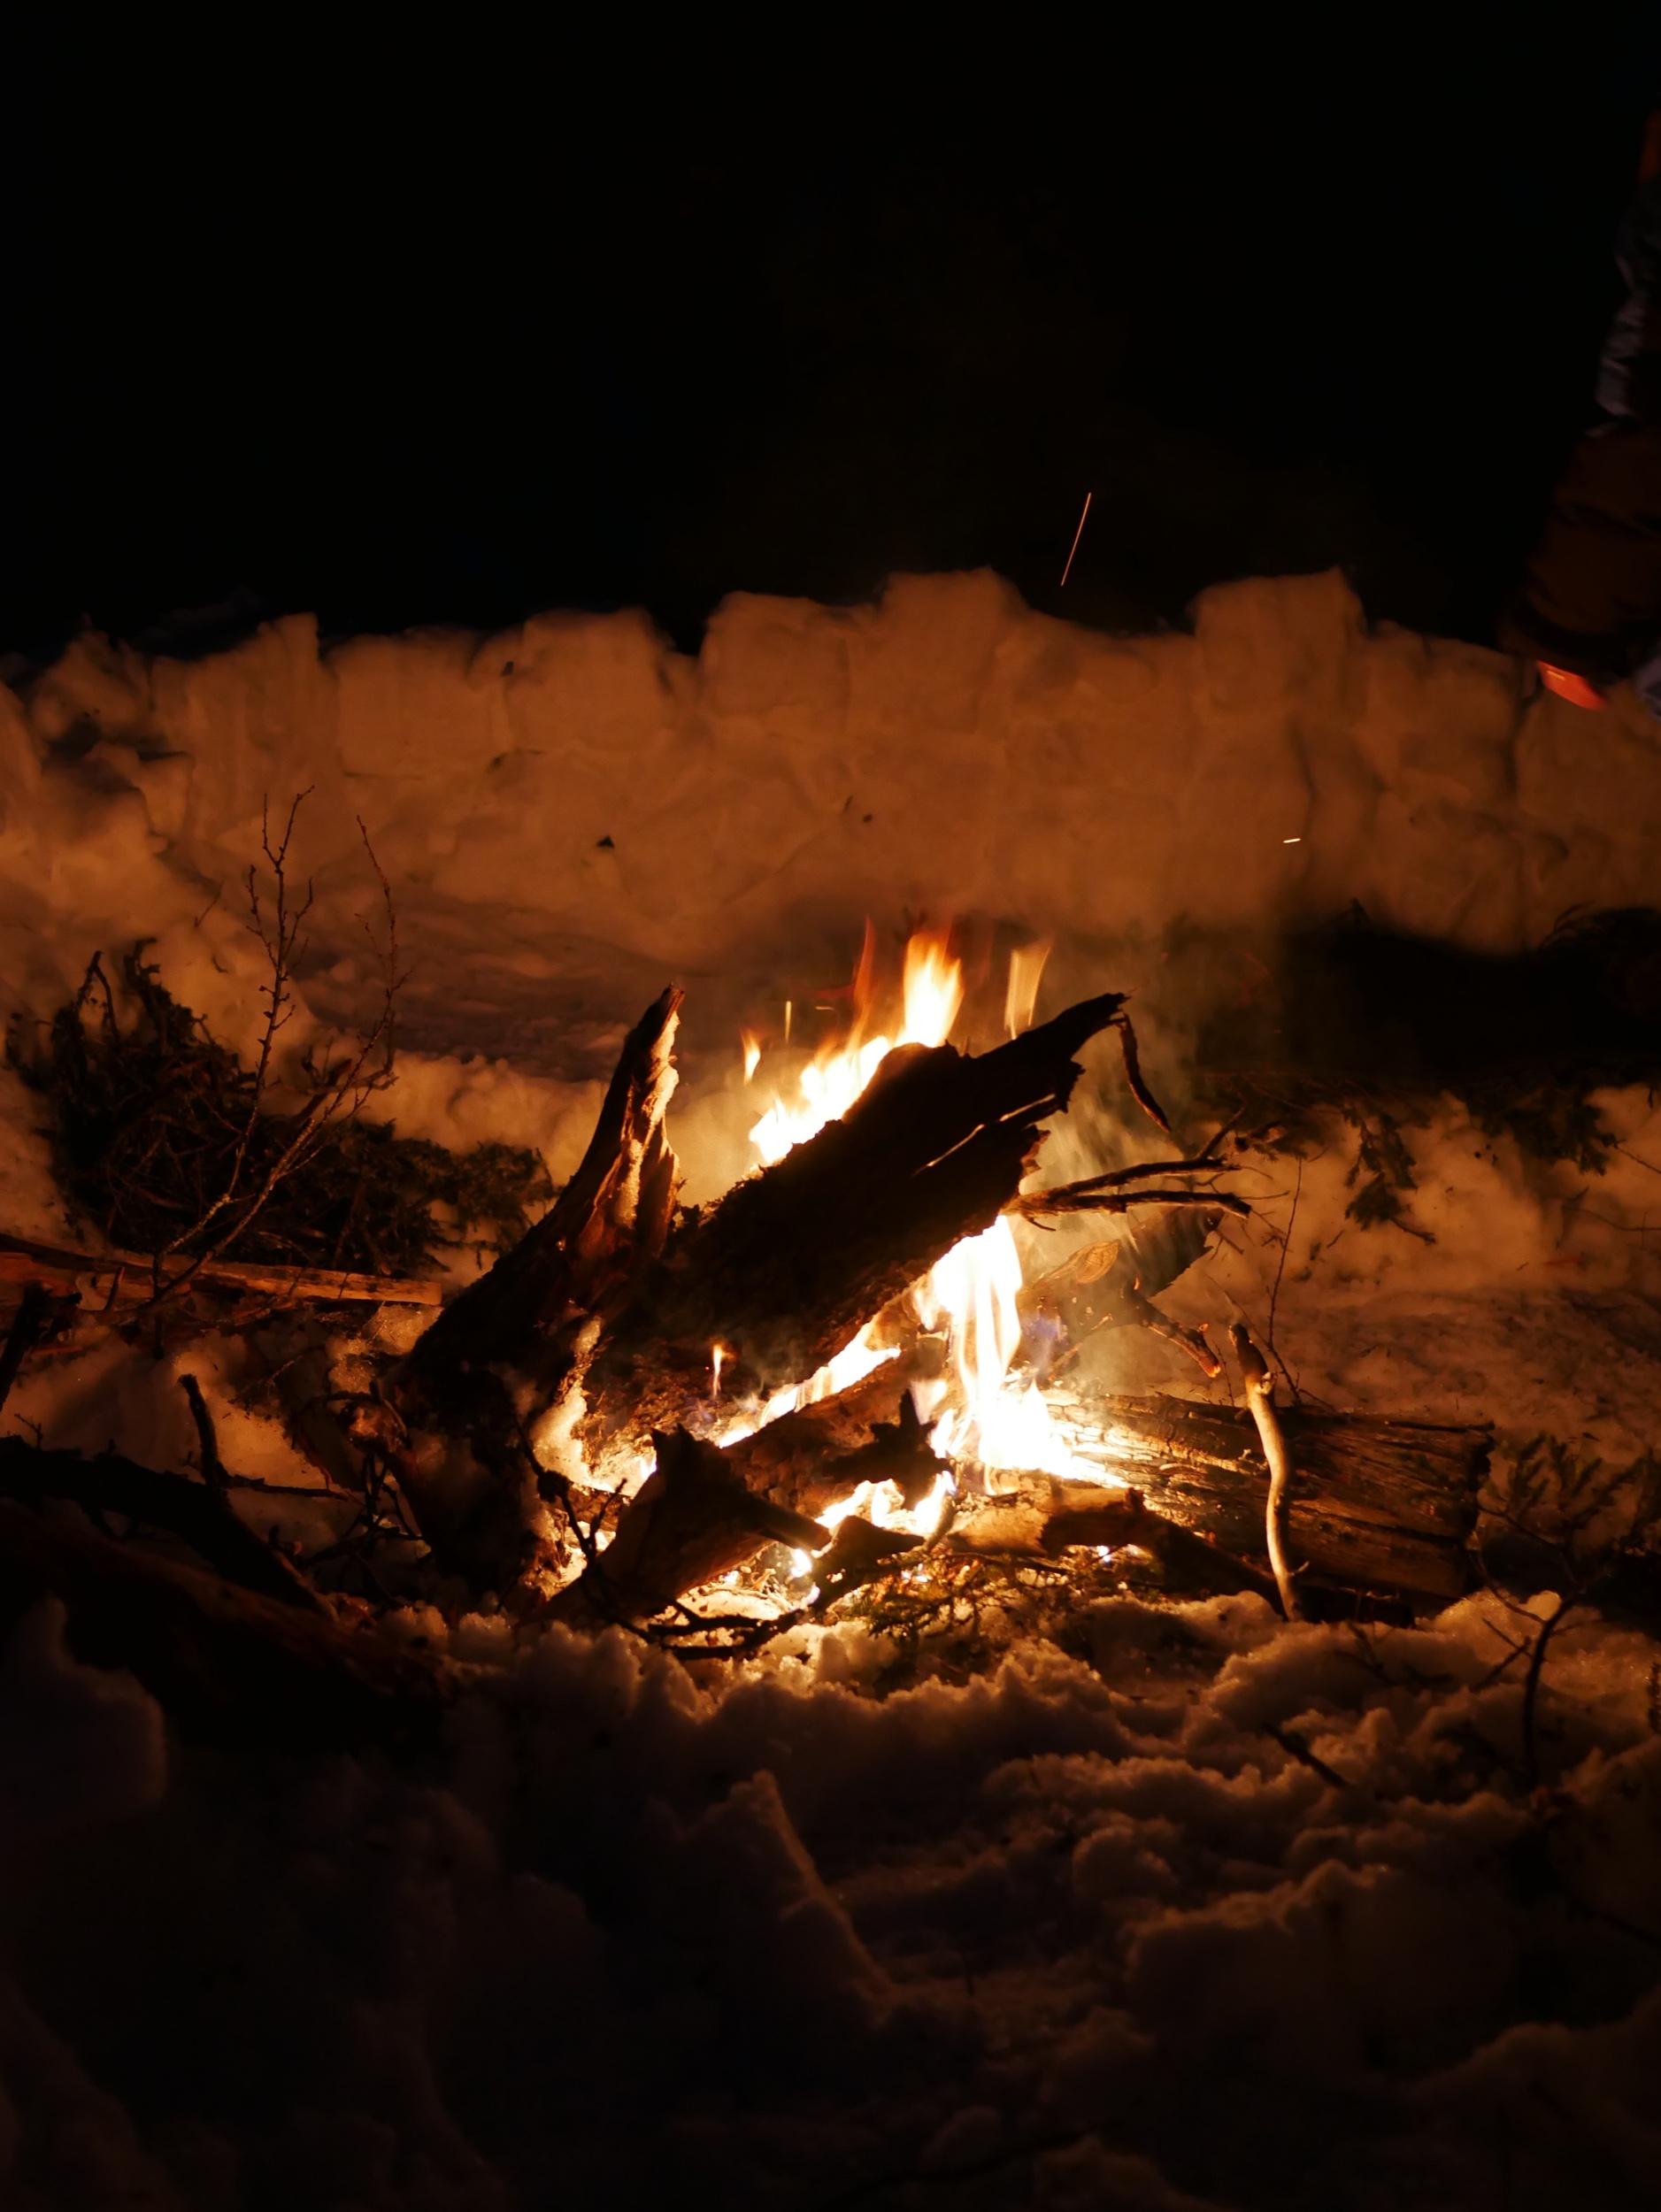 Att sova utomhus. Vid öppen eld.